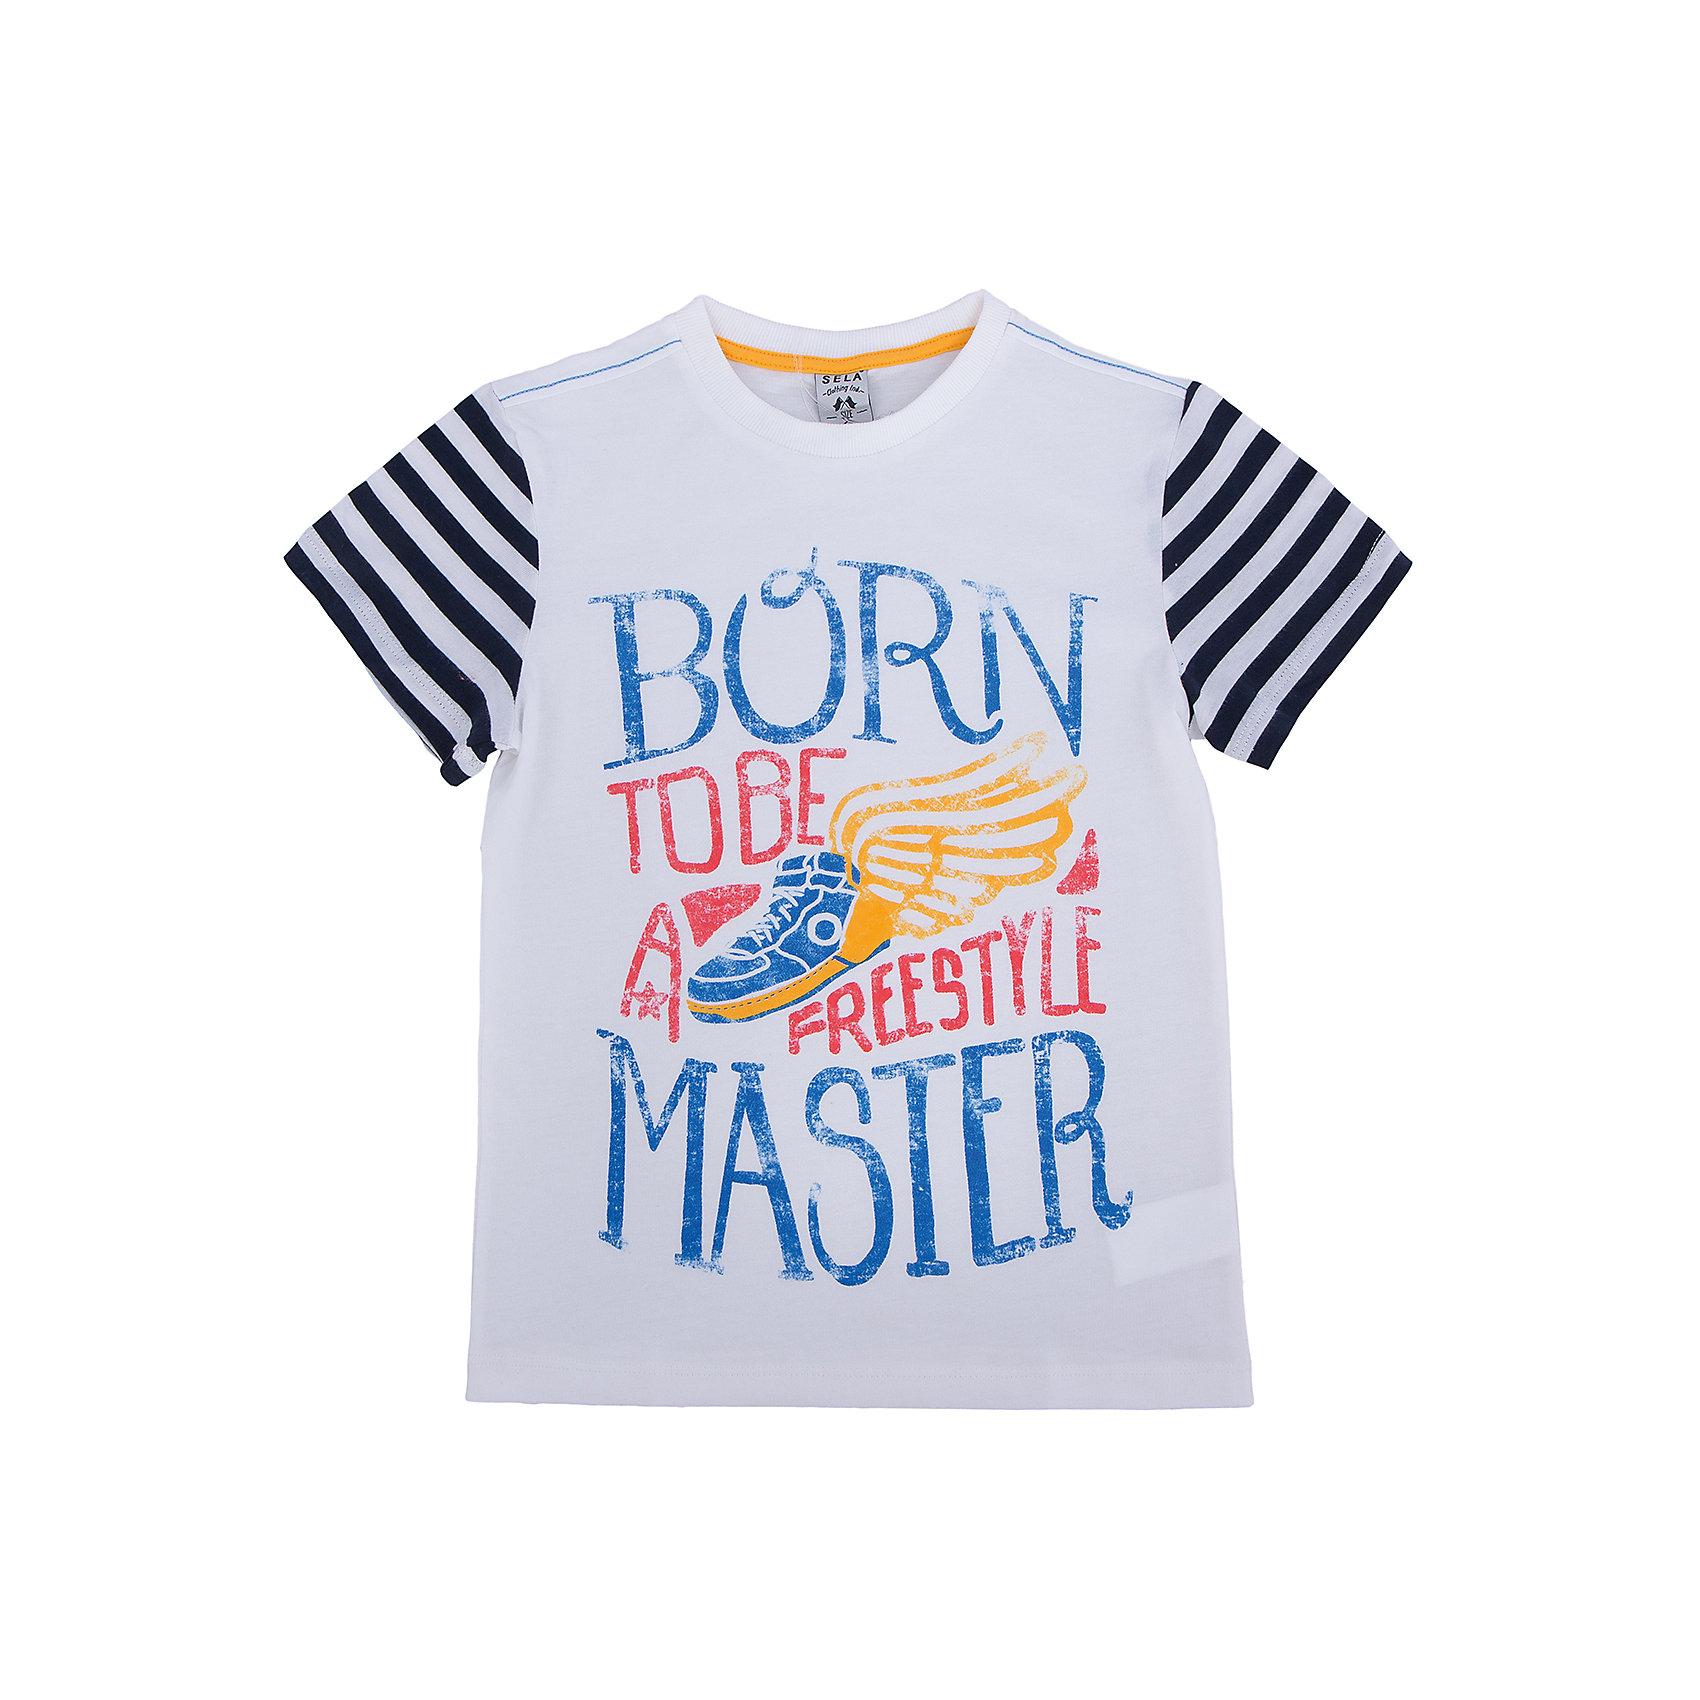 Футболка для мальчика SELAФутболки, поло и топы<br>Стильная футболка для мальчика от популярного бренда SELA. Изделие выполнено из натурального гипоаллергенного трикотажа, очень мягкого, дышащего и приятного к телу, и обладает следующими особенностями:<br>- эффектный принт, привлекательный дизайн;<br>- эластичная отделка горловины;<br>- комфортный крой;<br>- базовая модель.<br>Великолепный выбор для активного лета!<br><br>Дополнительная информация:<br>- состав: 100% хлопок<br>- цвет: белый + принт<br><br>Футболку для мальчика SELA (СЕЛА) можно купить в нашем магазине<br><br>Ширина мм: 230<br>Глубина мм: 40<br>Высота мм: 220<br>Вес г: 250<br>Цвет: белый<br>Возраст от месяцев: 24<br>Возраст до месяцев: 36<br>Пол: Мужской<br>Возраст: Детский<br>Размер: 98,116,92,104,110<br>SKU: 4741141